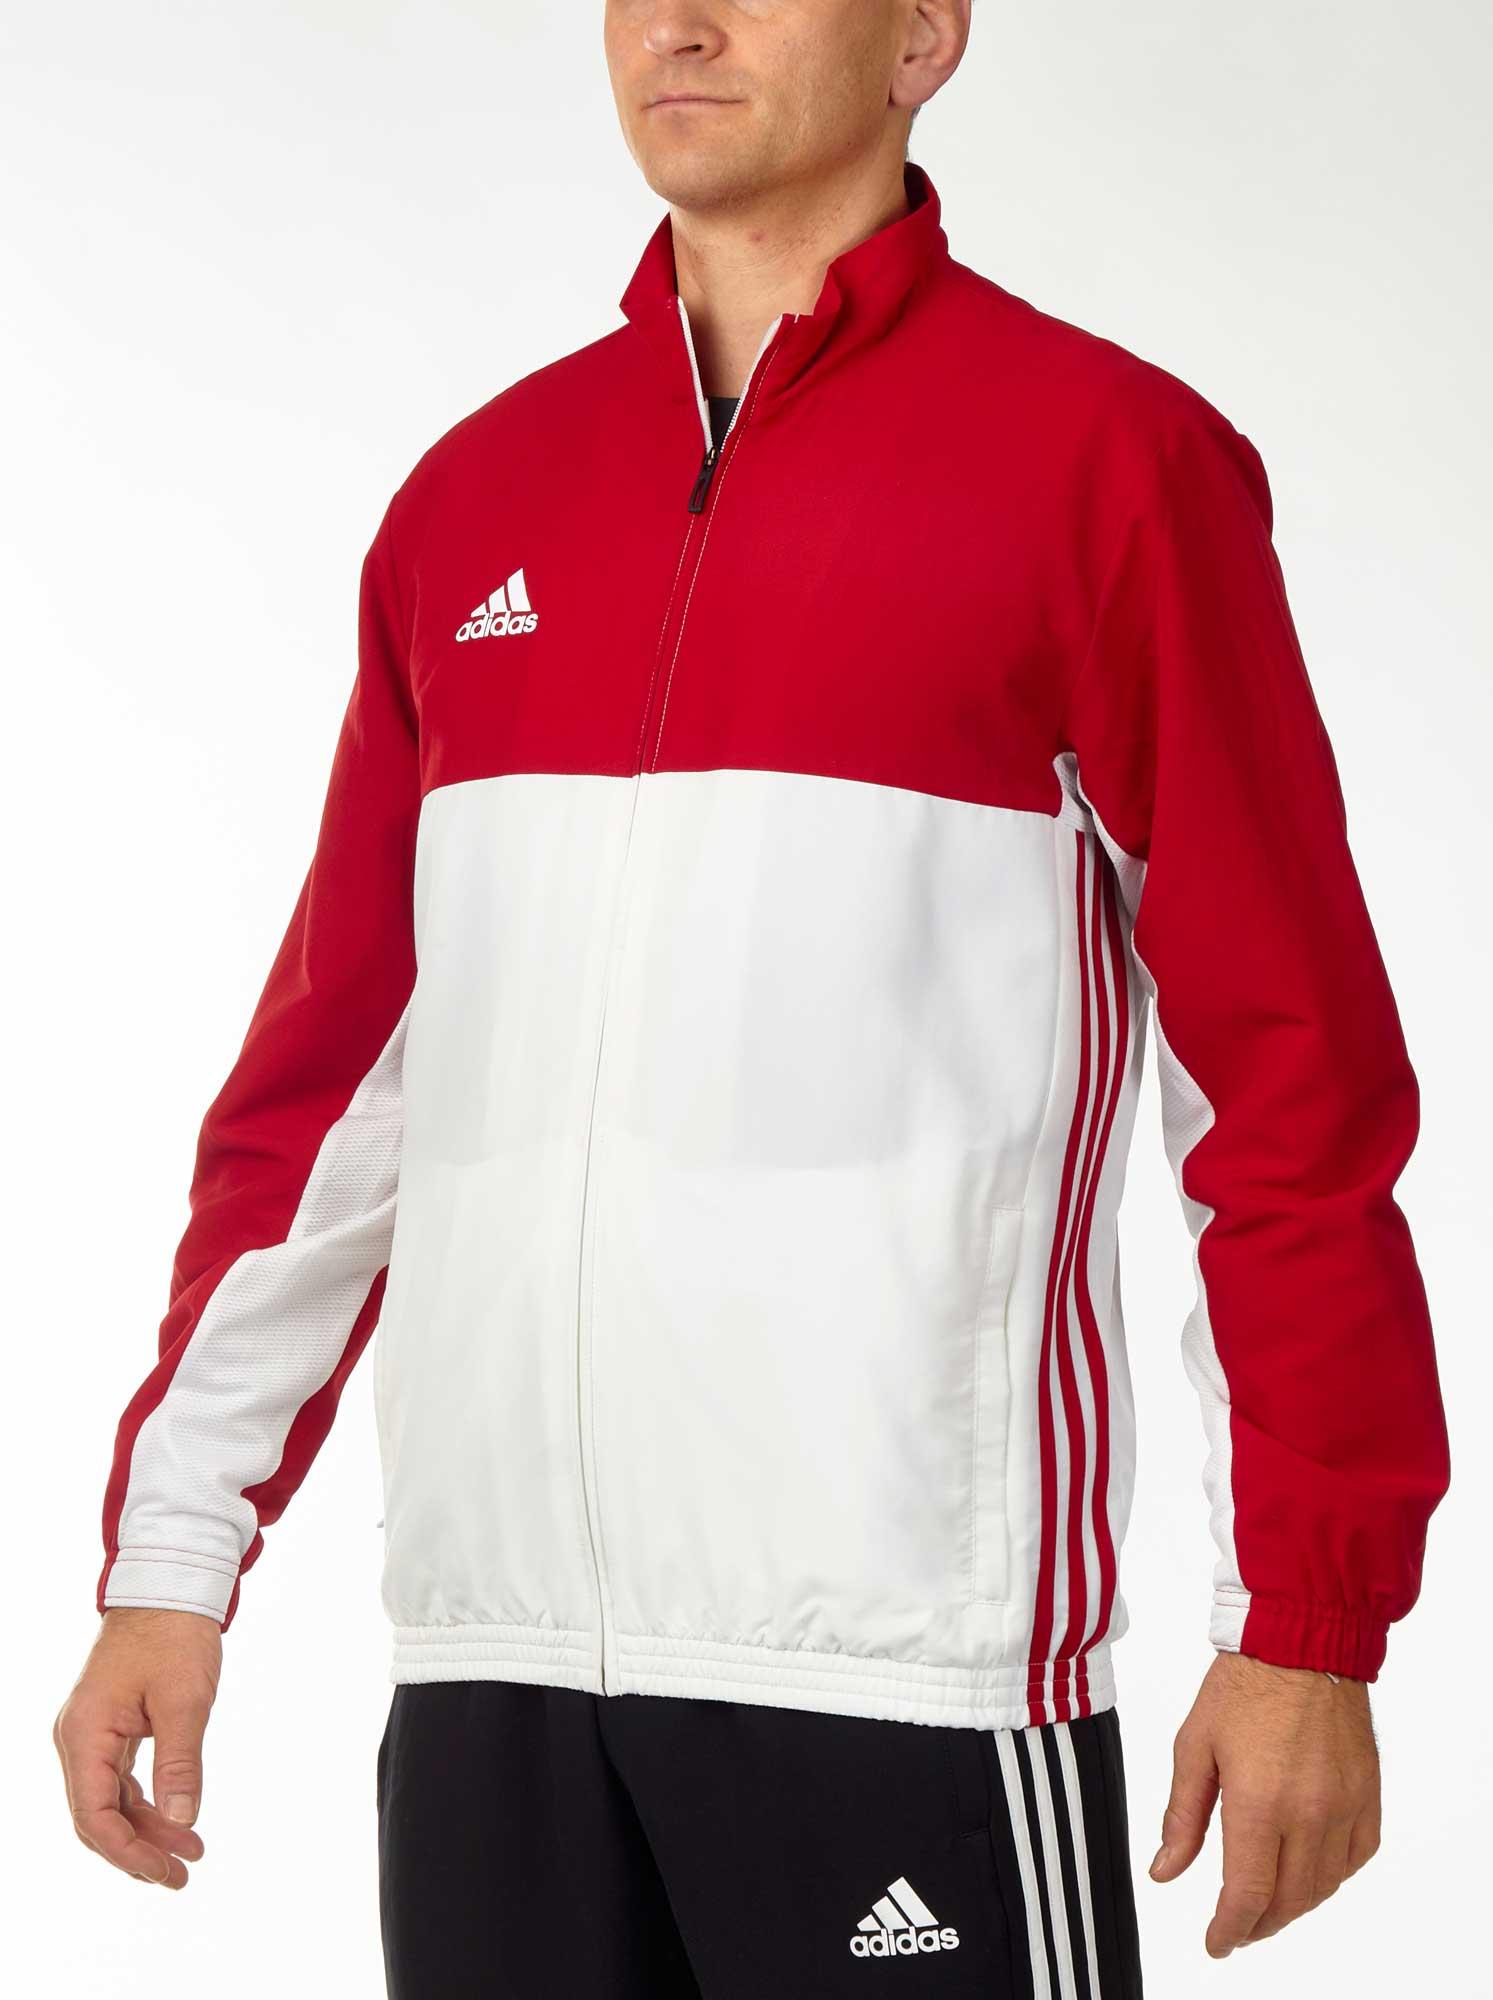 760bf31afd4938 Vorschau  adidas T16 Team Jacket Männer power rot weiß